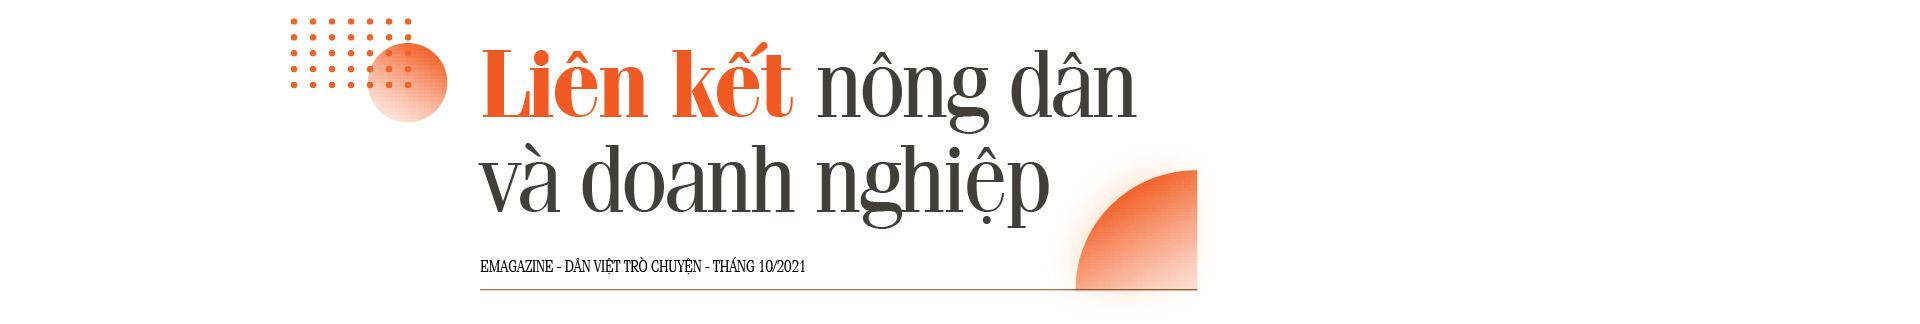 """Tỷ phú Nông dân Việt Nam xuất sắc 2021 Nguyễn Thị Hồng: Hành trình chinh phục  """"vàng mềm"""" siêu đắt đỏ  - Ảnh 15."""